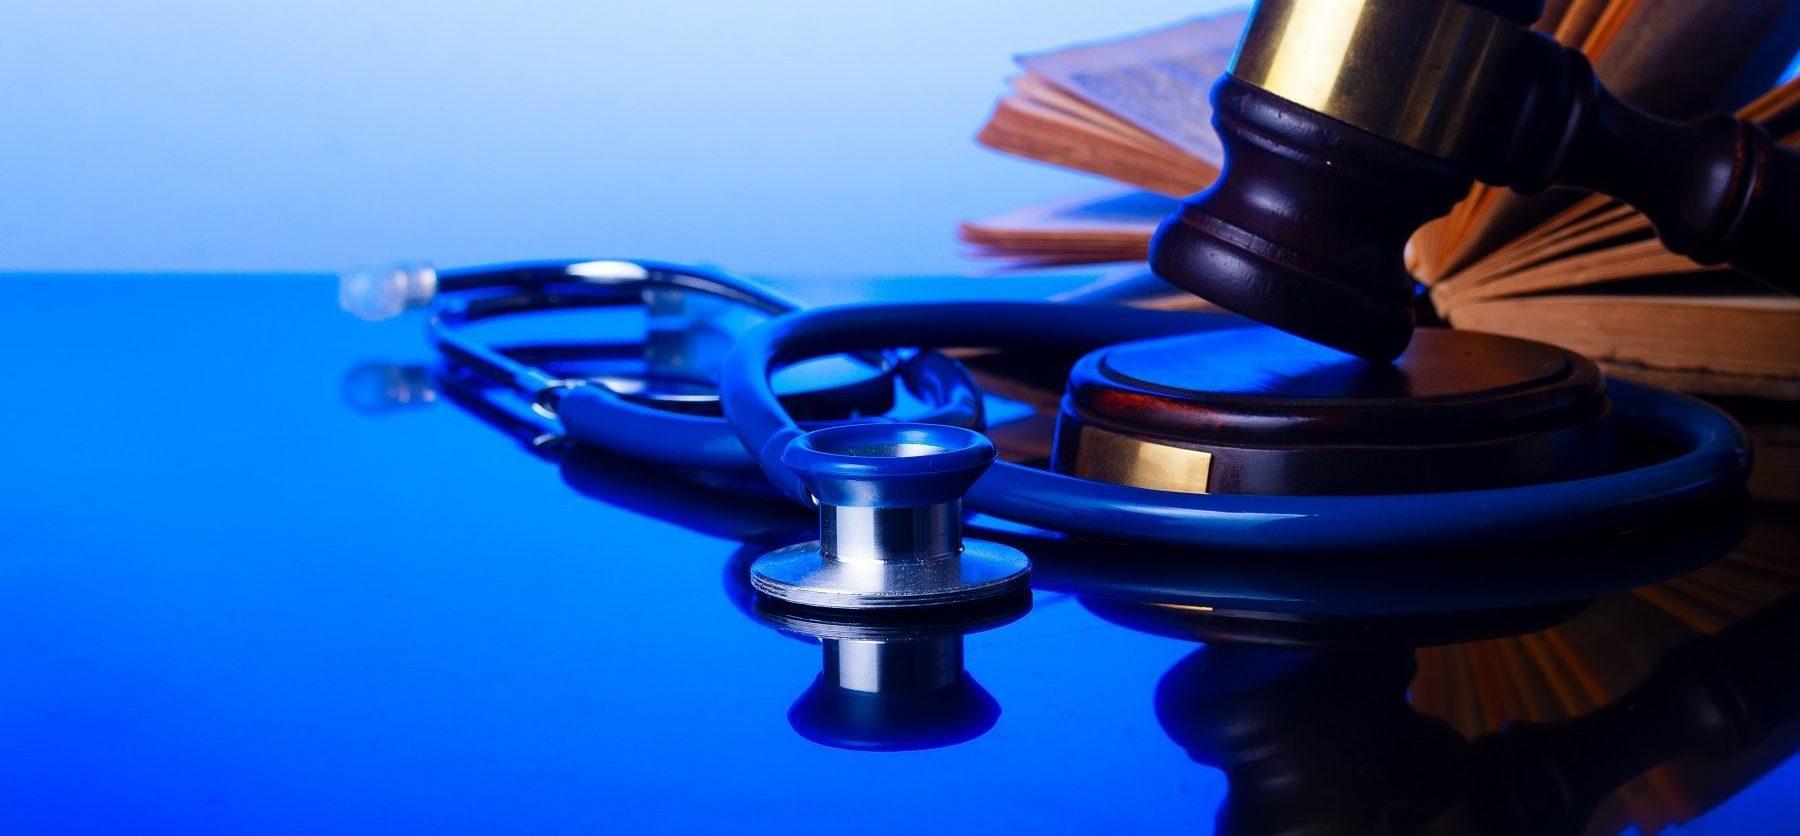 Zoek je juridische hulp bij letselschade?